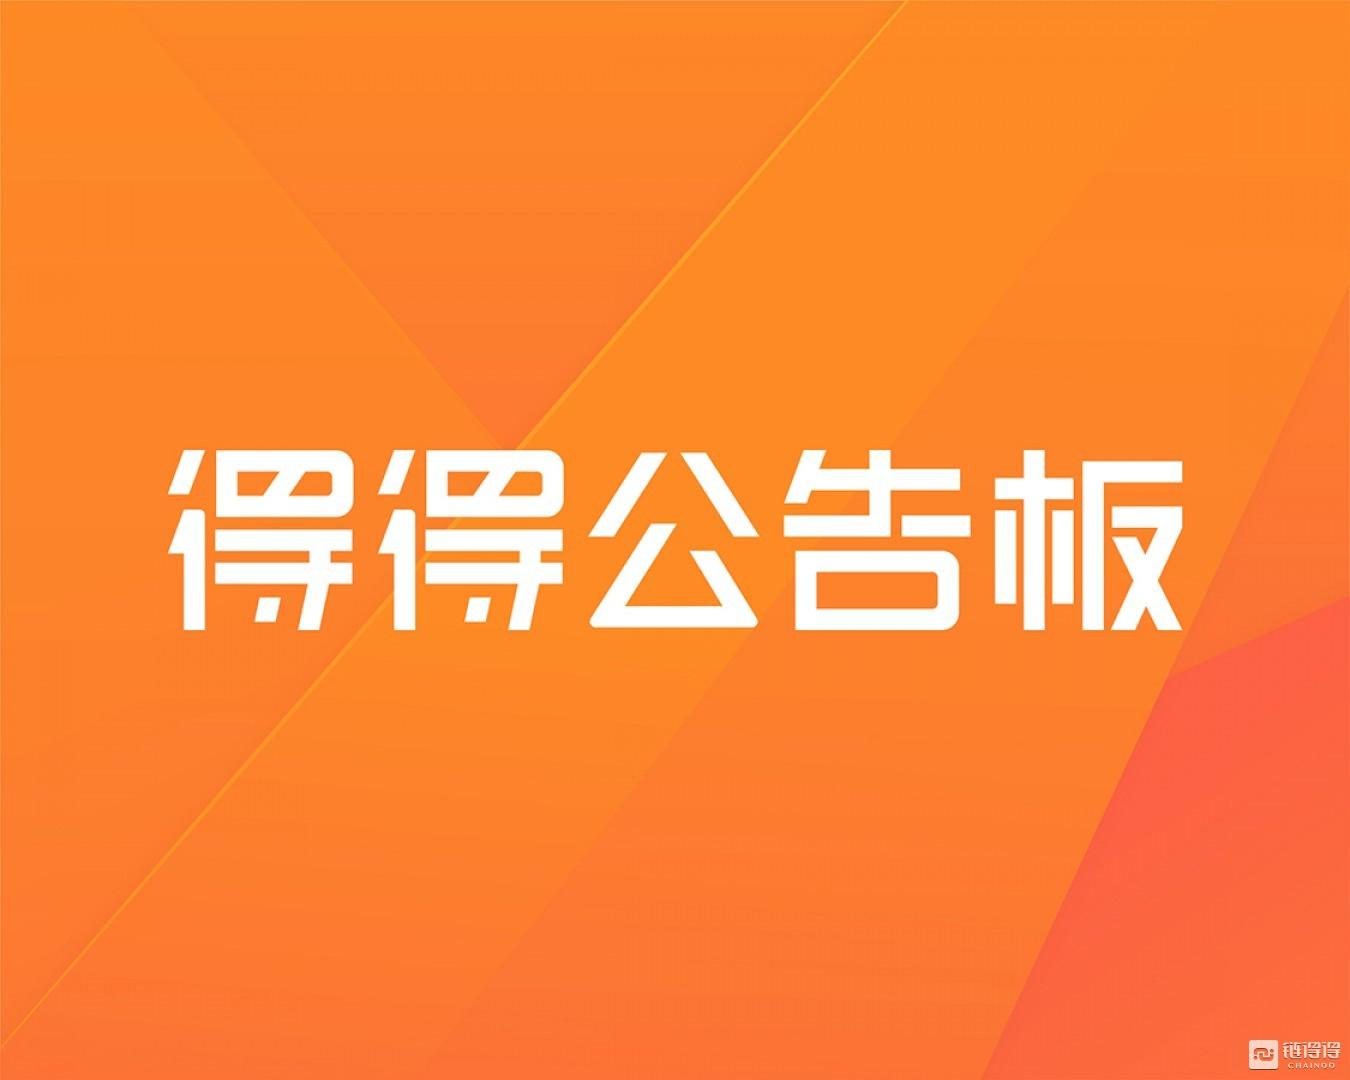 【得得公告板】火币全球站将于8月7日开启第六期FastTrack投票上币|8月6日